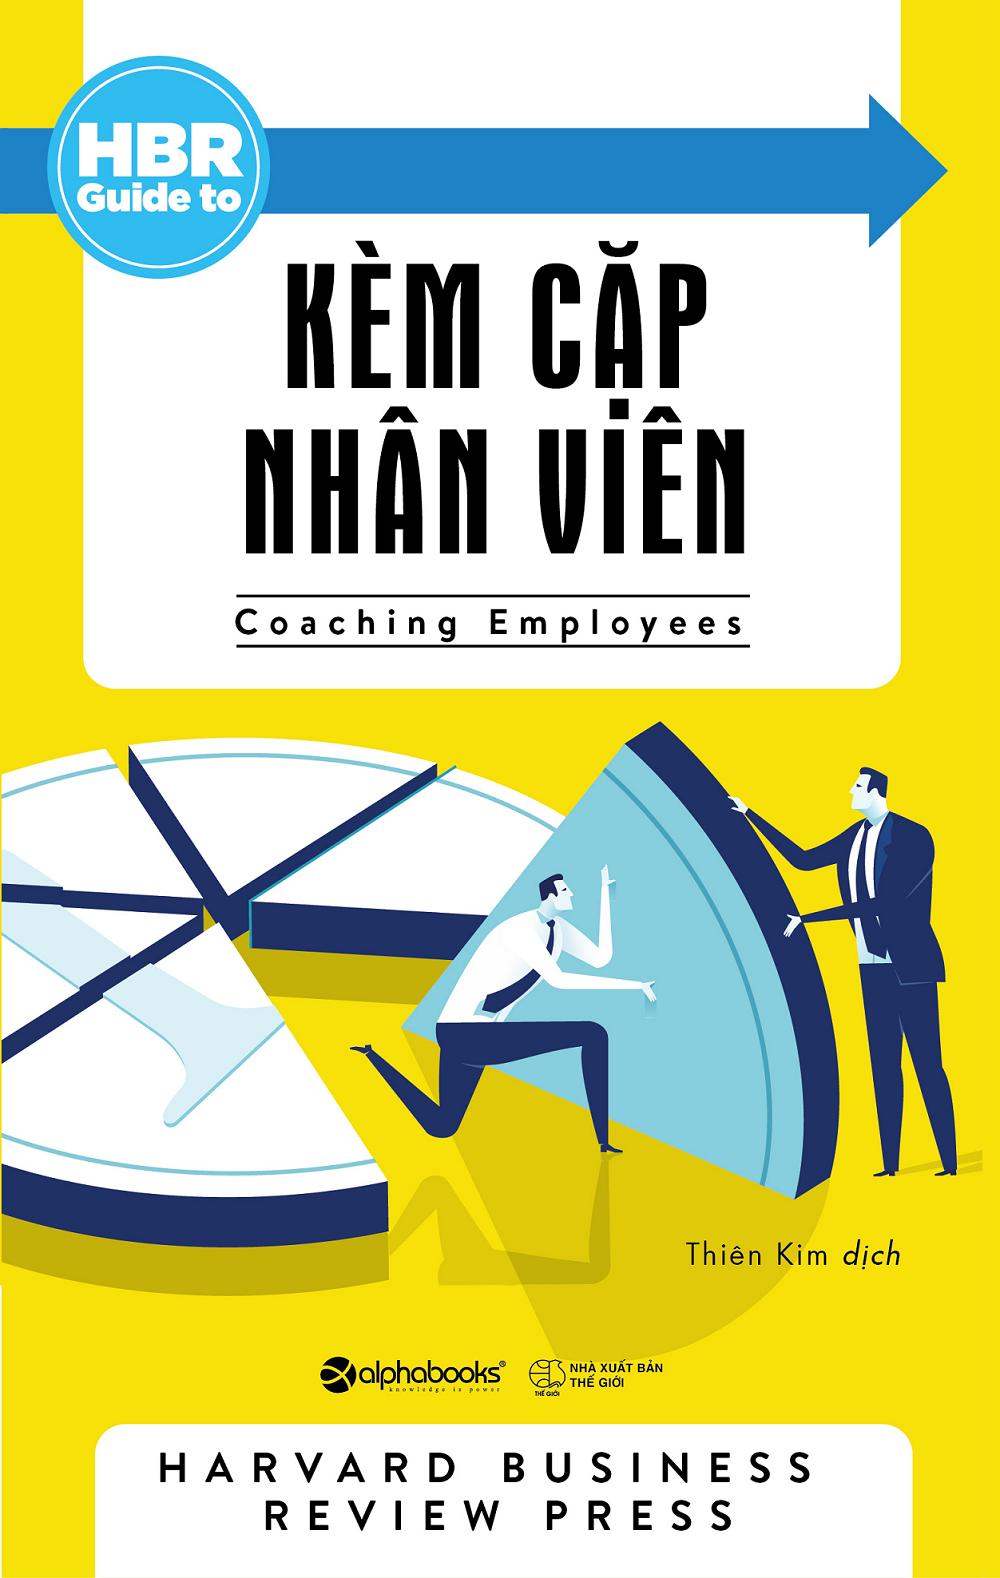 kem-cap-nhan-vien.u547.d20170117.t135657.82318.png